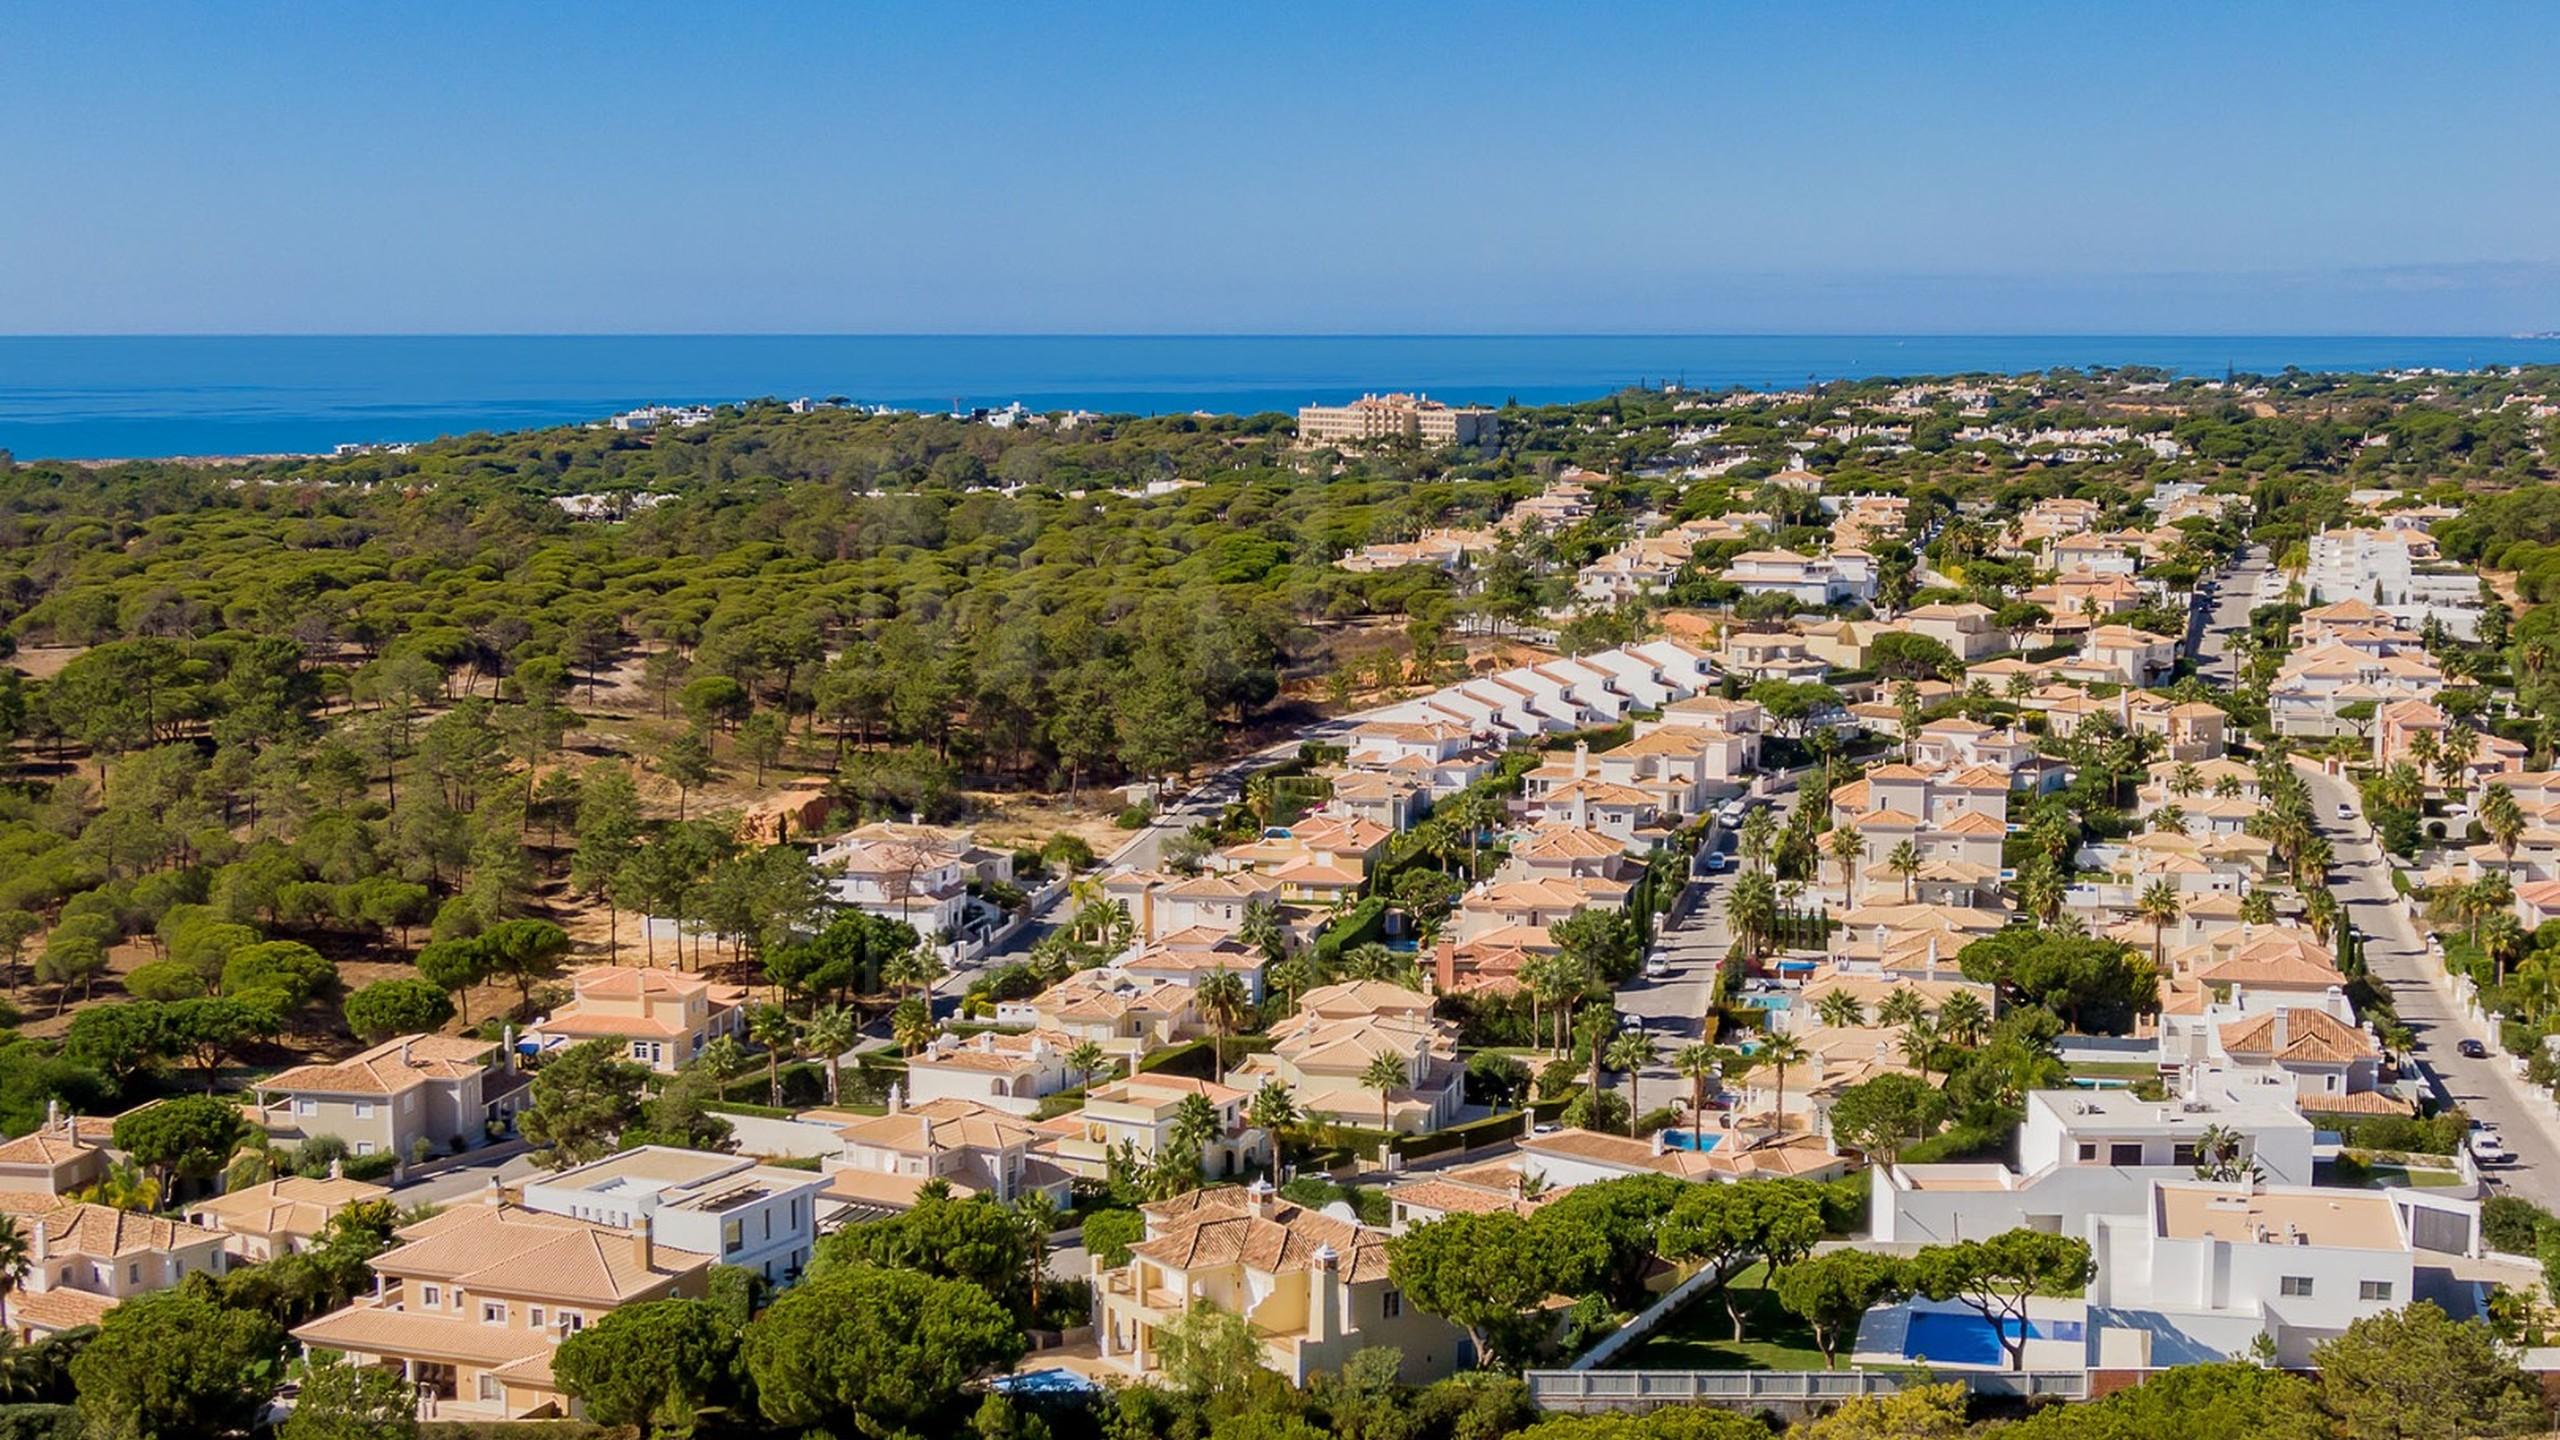 Terrain à vendre près de la plage en Algarve